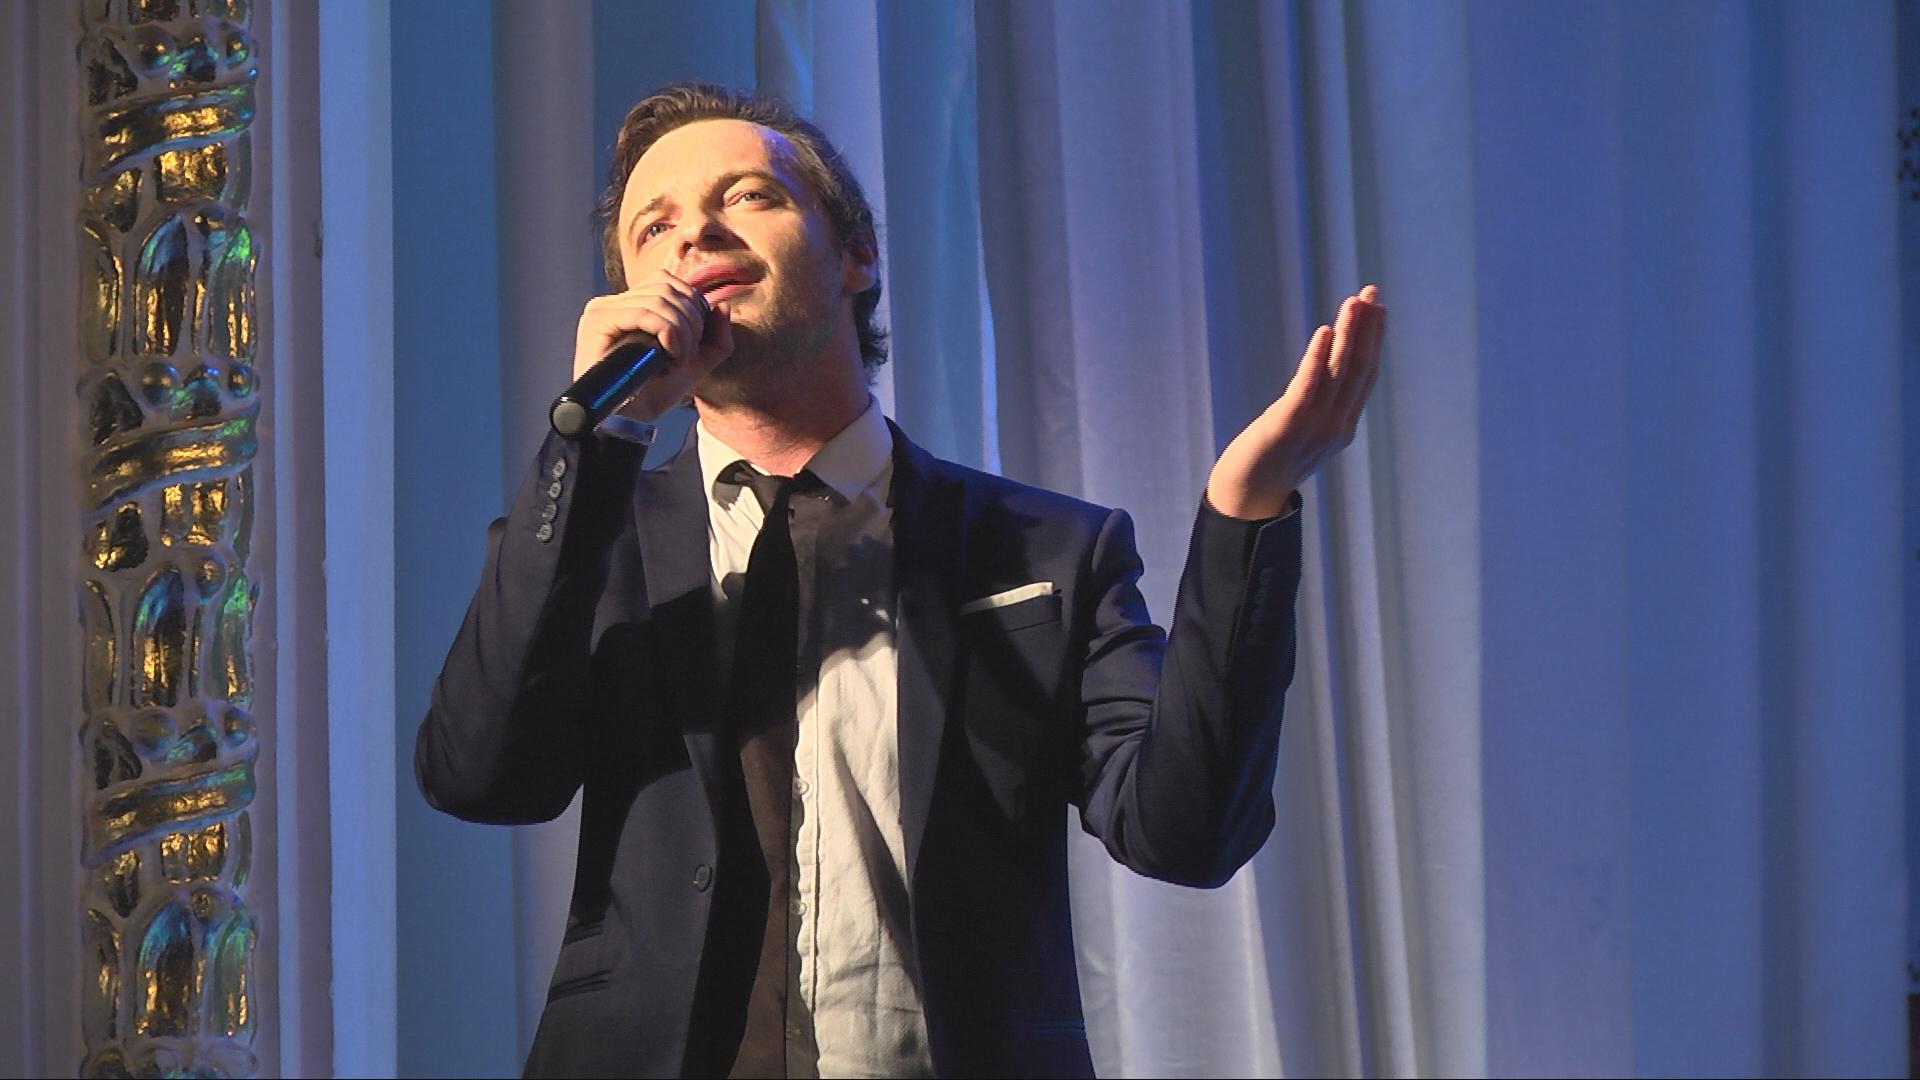 Днями у Коломиї відбувся концерт французького співака (відеосюжет)